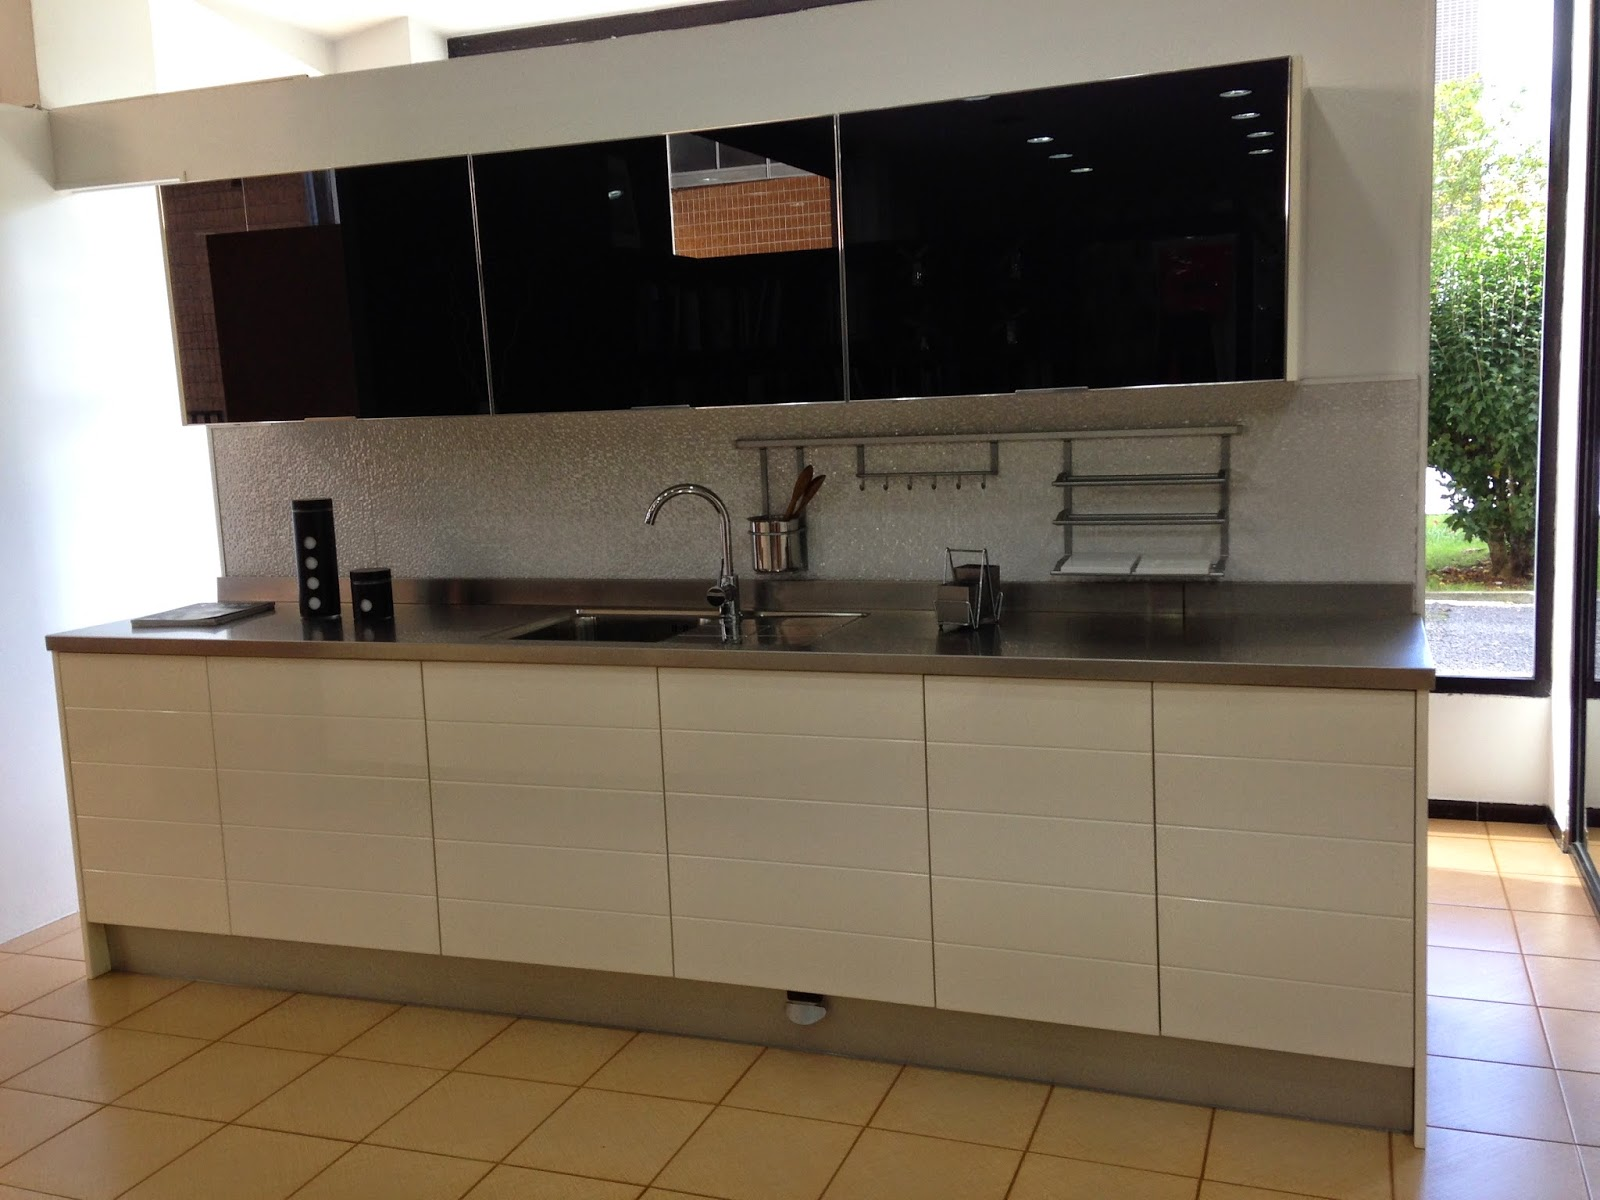 Muebles de cocina de vidrio templado 20170719163819 for Muebles de cocina y precios